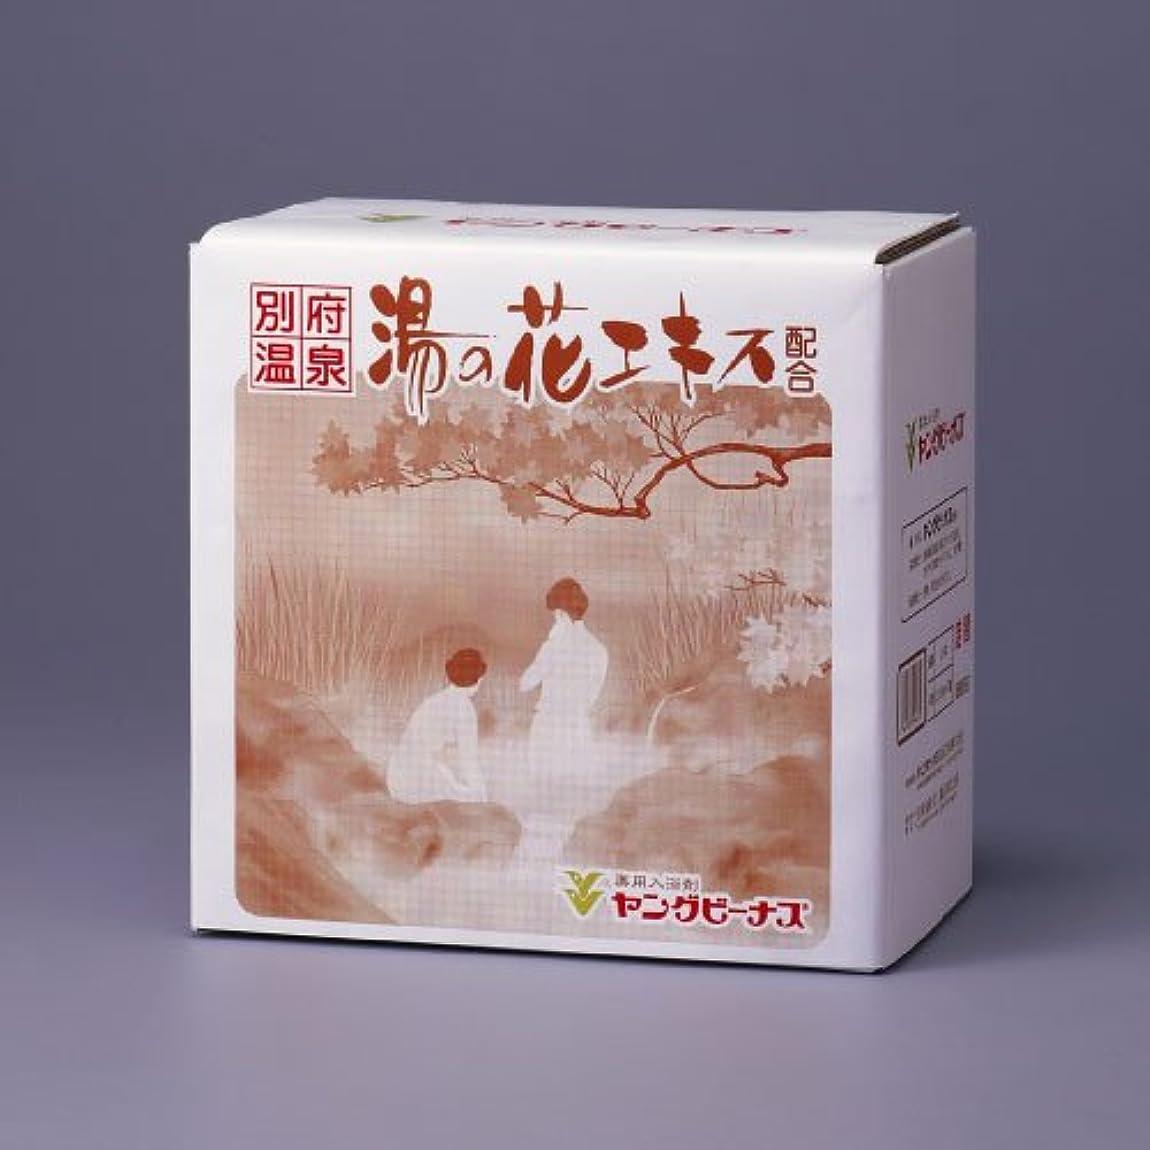 実質的に標高原子薬用入浴剤ヤングビーナスSv C-60【5.6kg】(詰替2.8kg2袋) [医薬部外品]